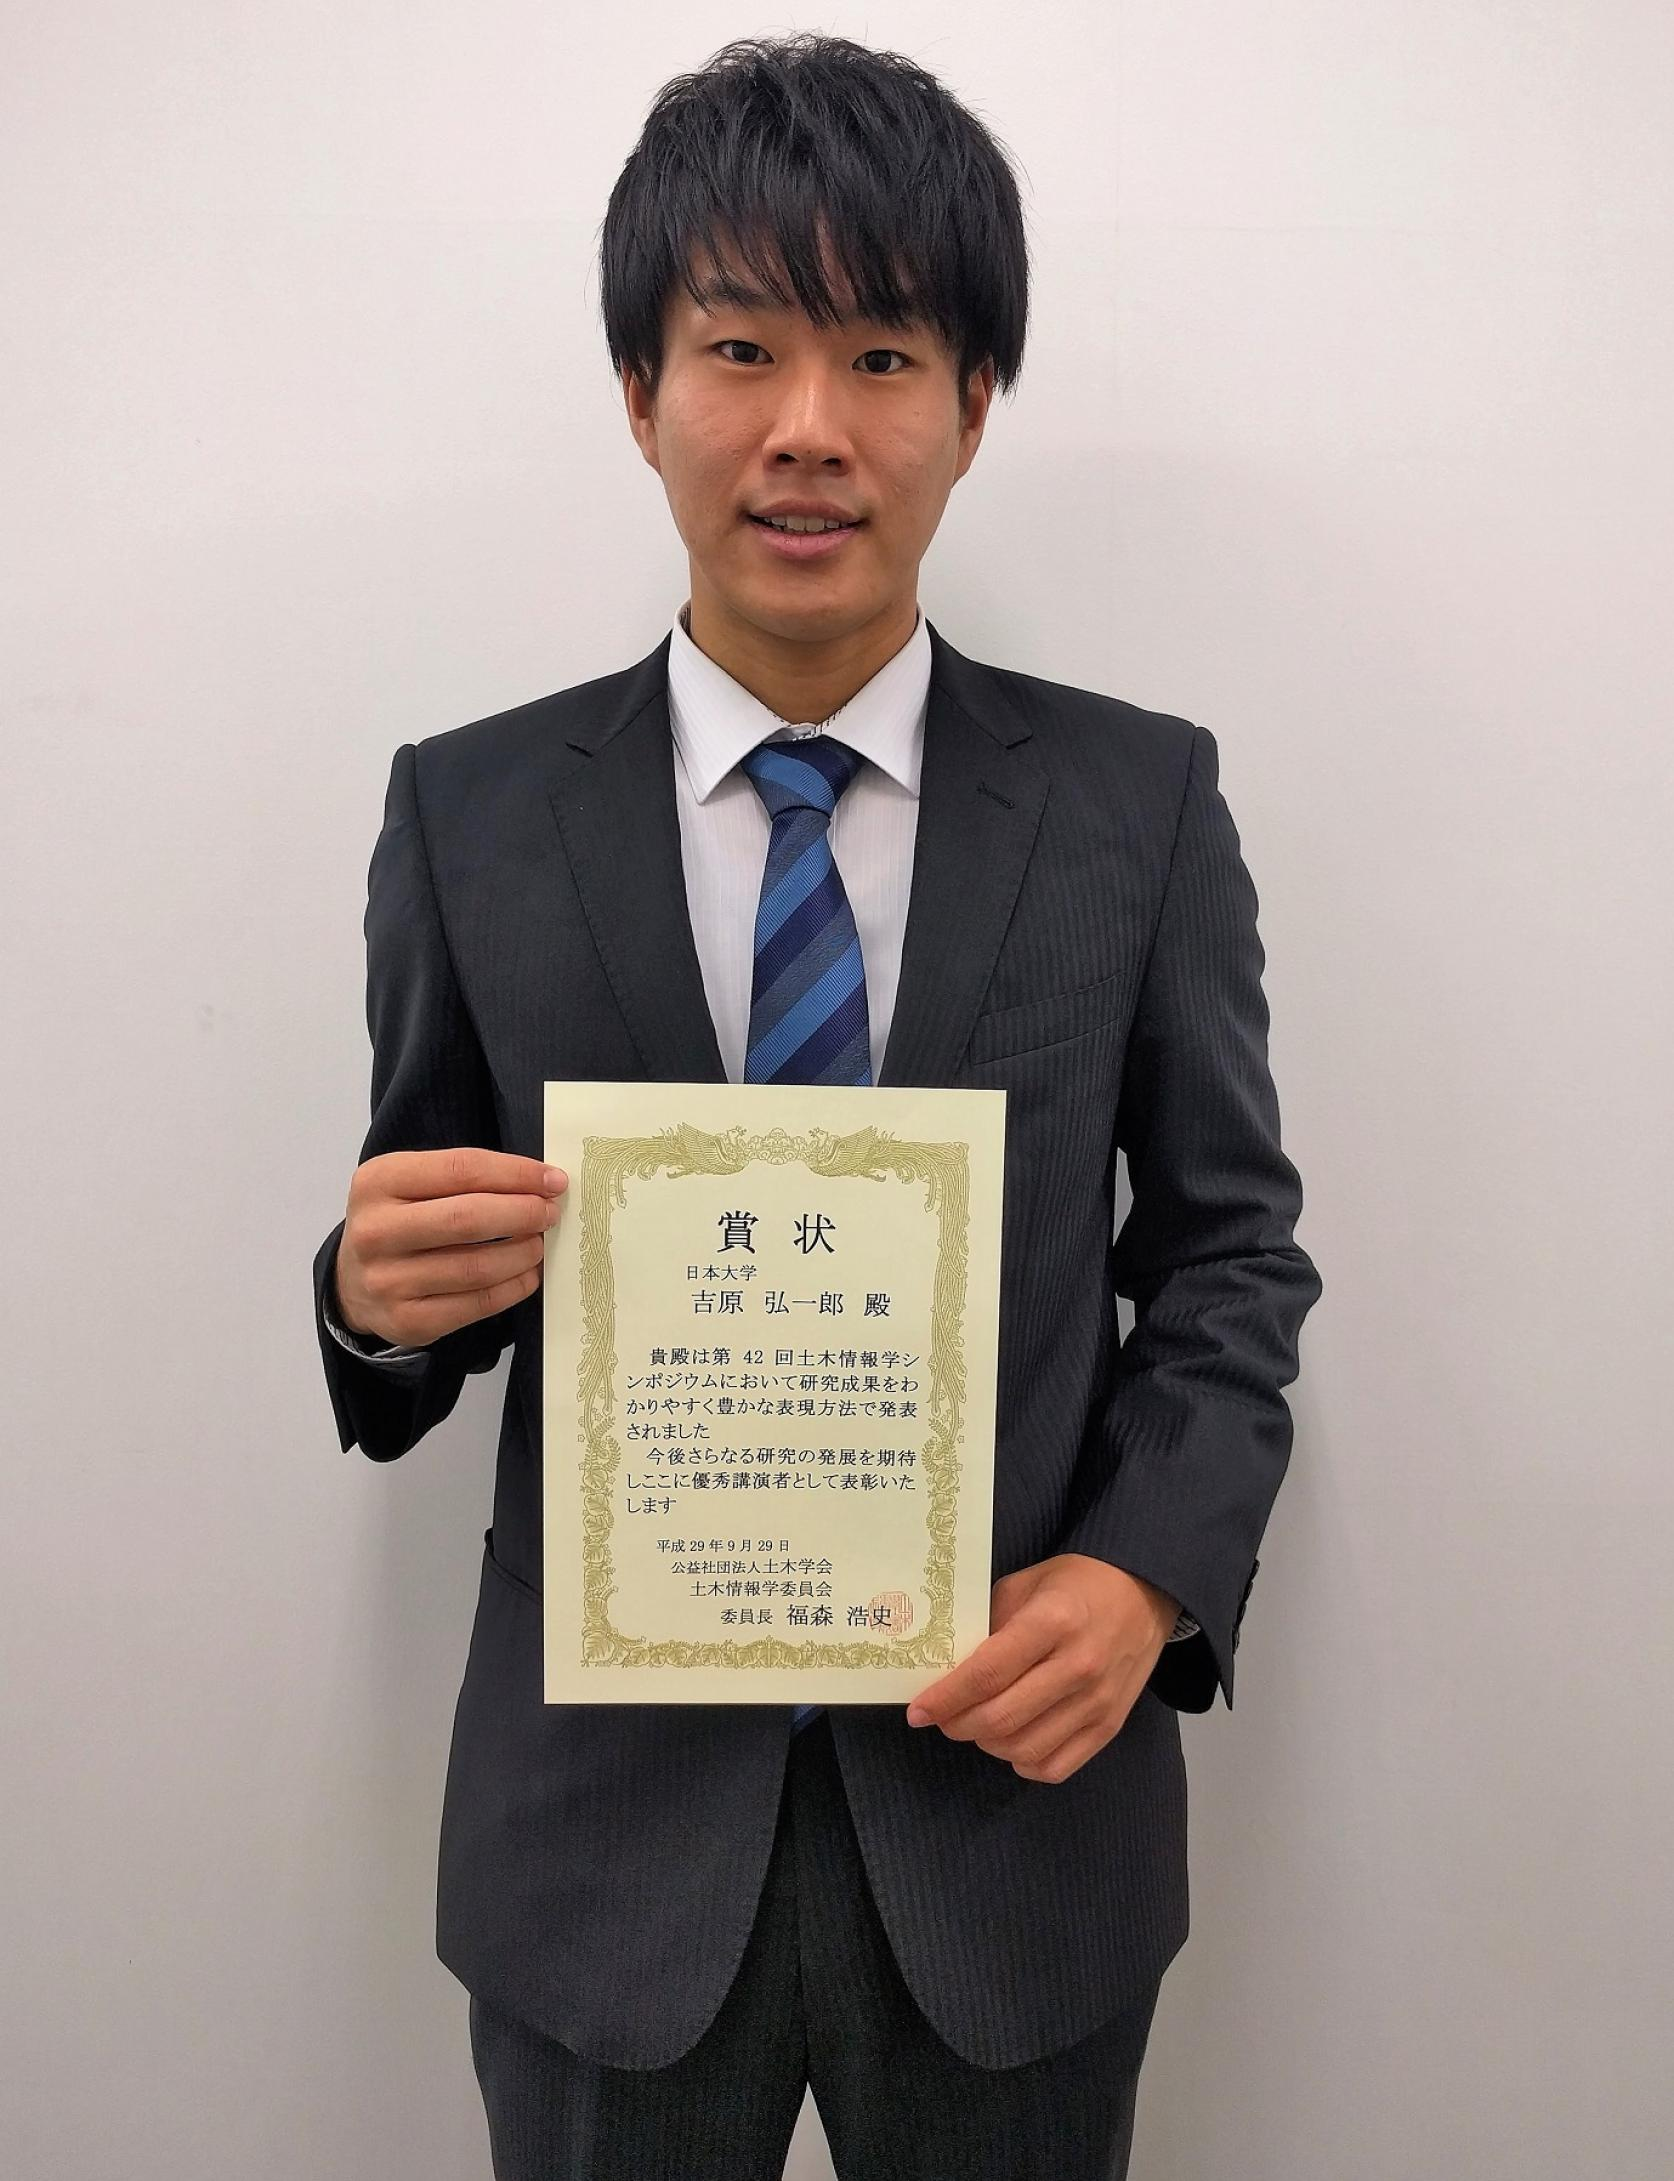 土木工学専攻の吉原弘一郎さんが「第42回土木情報学シンポジウム」において、優秀発表賞を受賞しました。